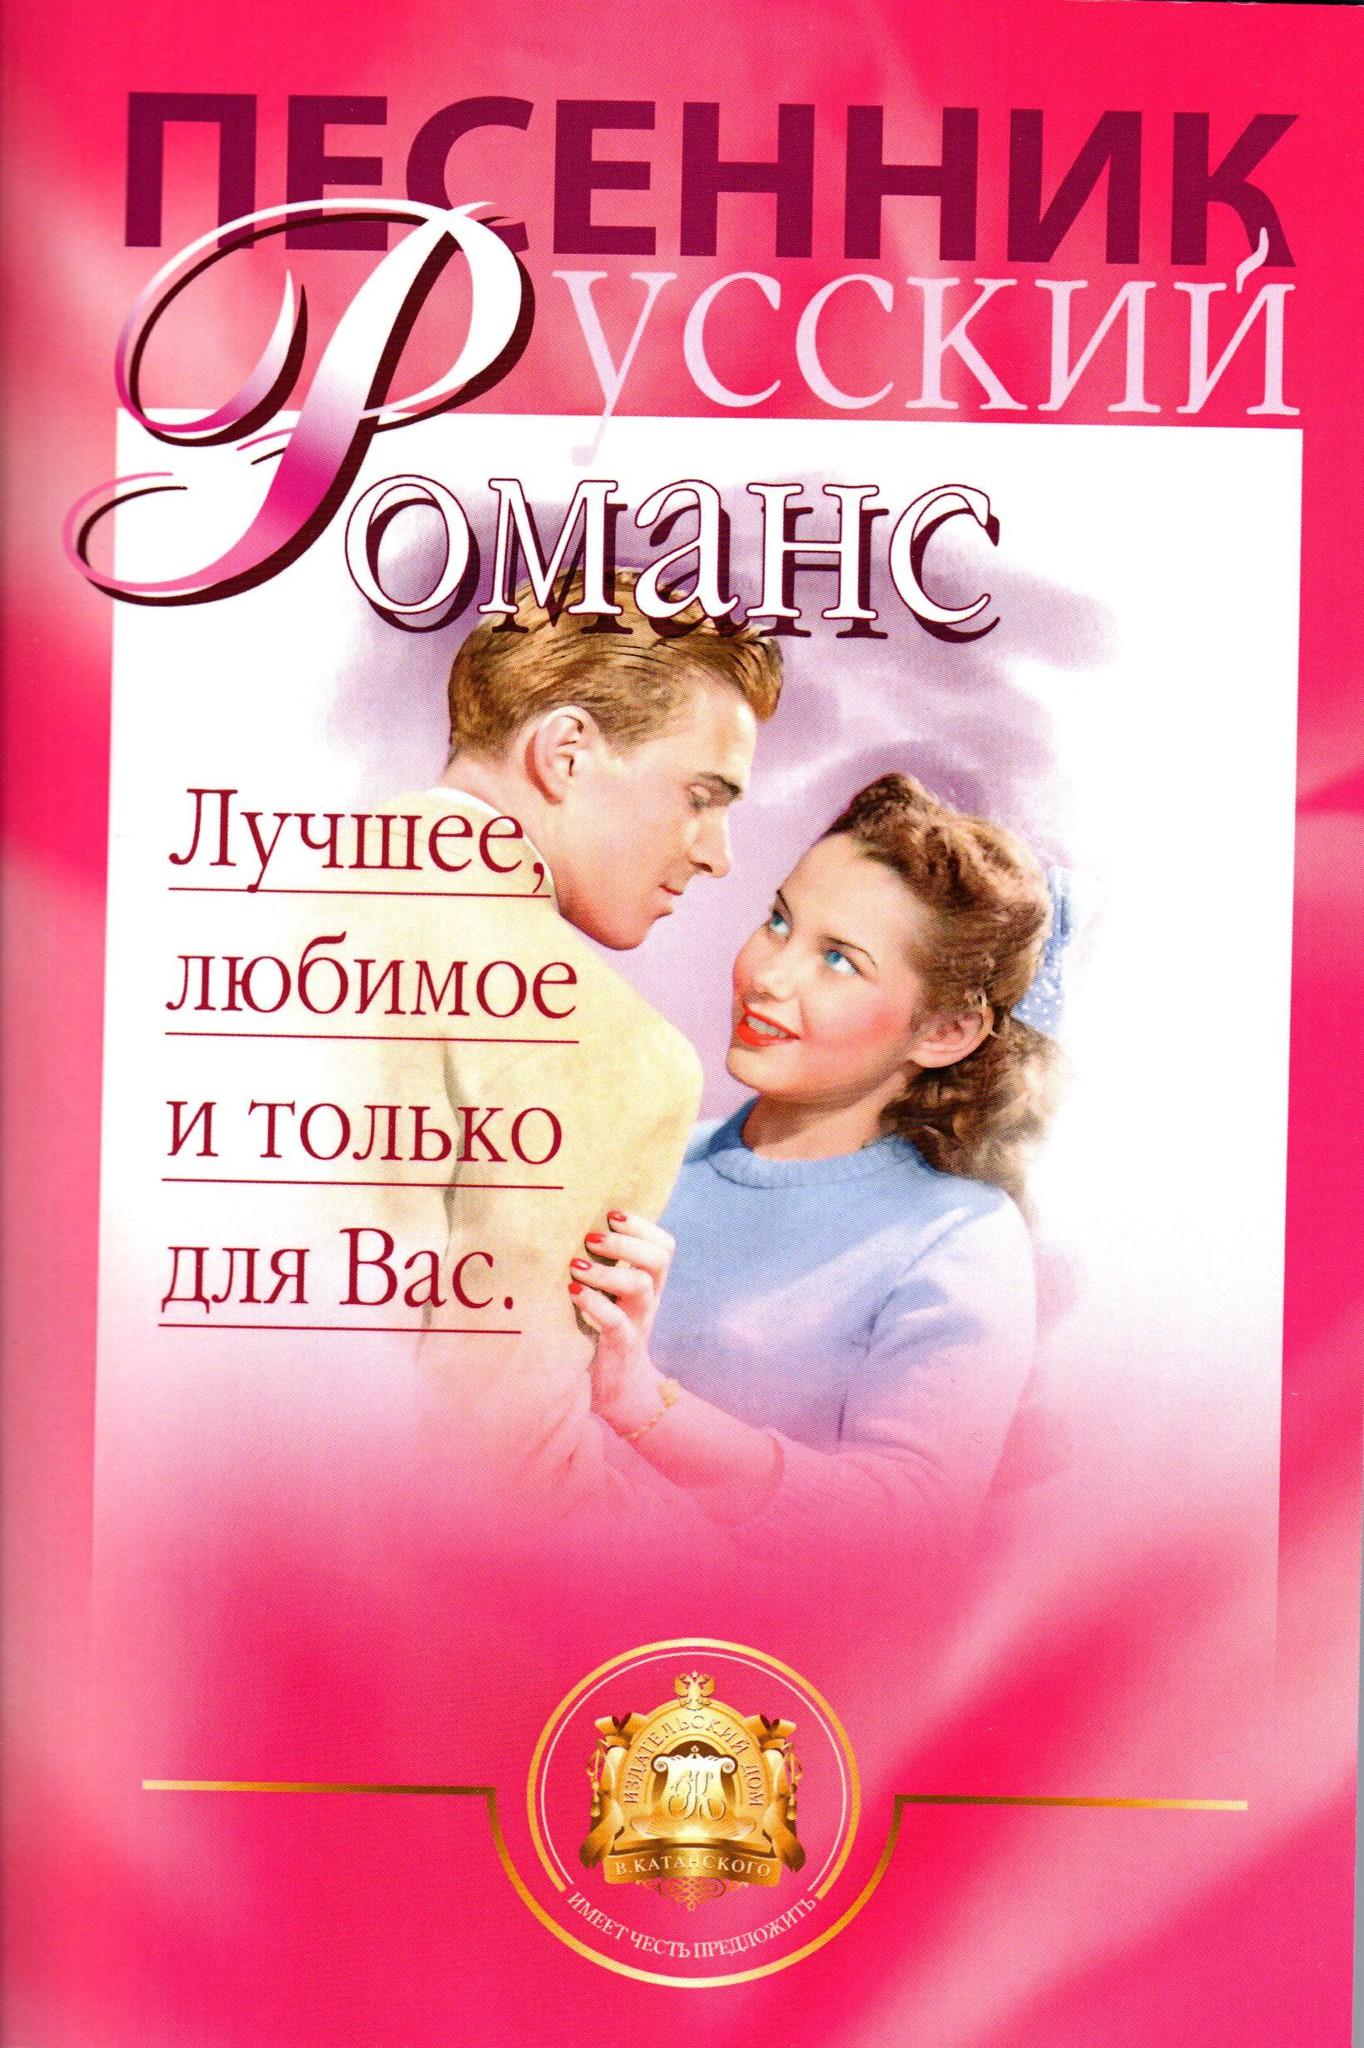 Катанский А. В. Песенник. Русский романс. Лучшее любимое и только для Вас.